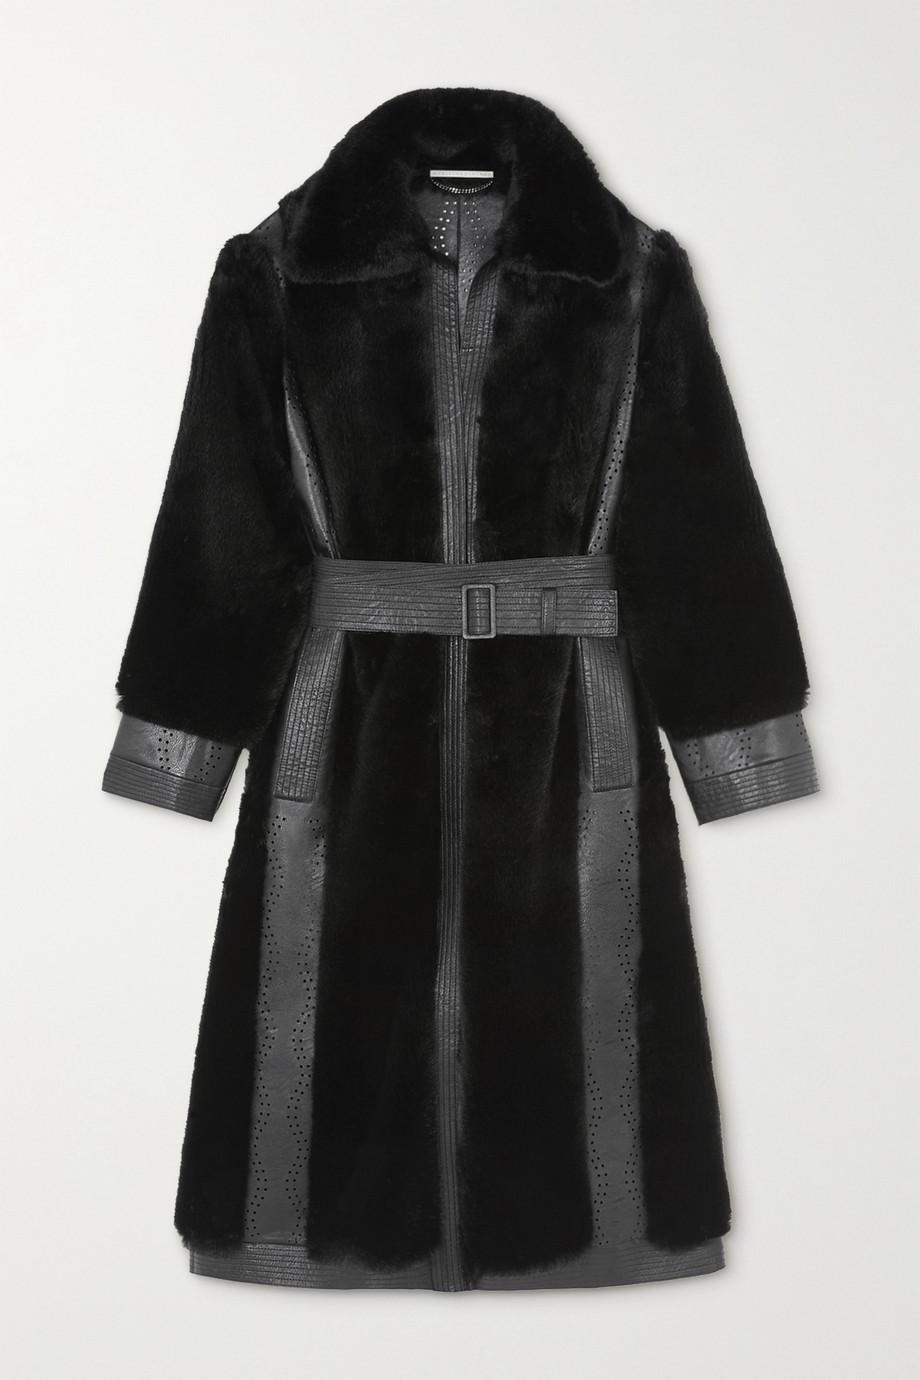 Stella McCartney Belen Mantel aus lasergeschnittenem Kunstleder und Faux Fur mit Gürtel